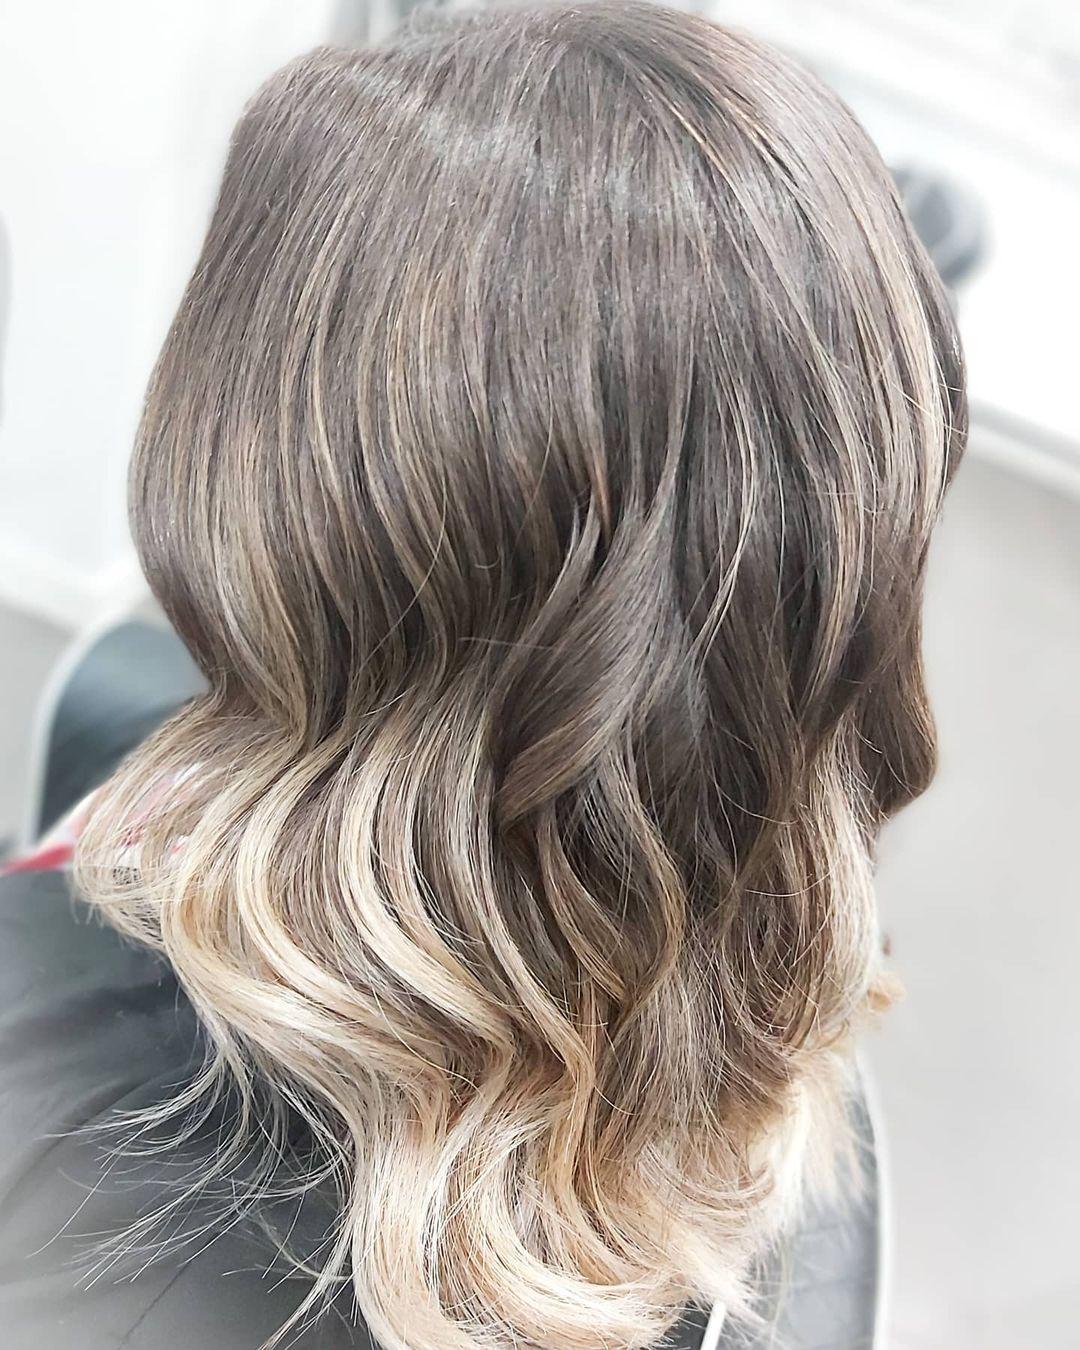 @charog salonilitia 1 - Tendencias a todo color del pelo para 2021. Los tonos que transformarán el año